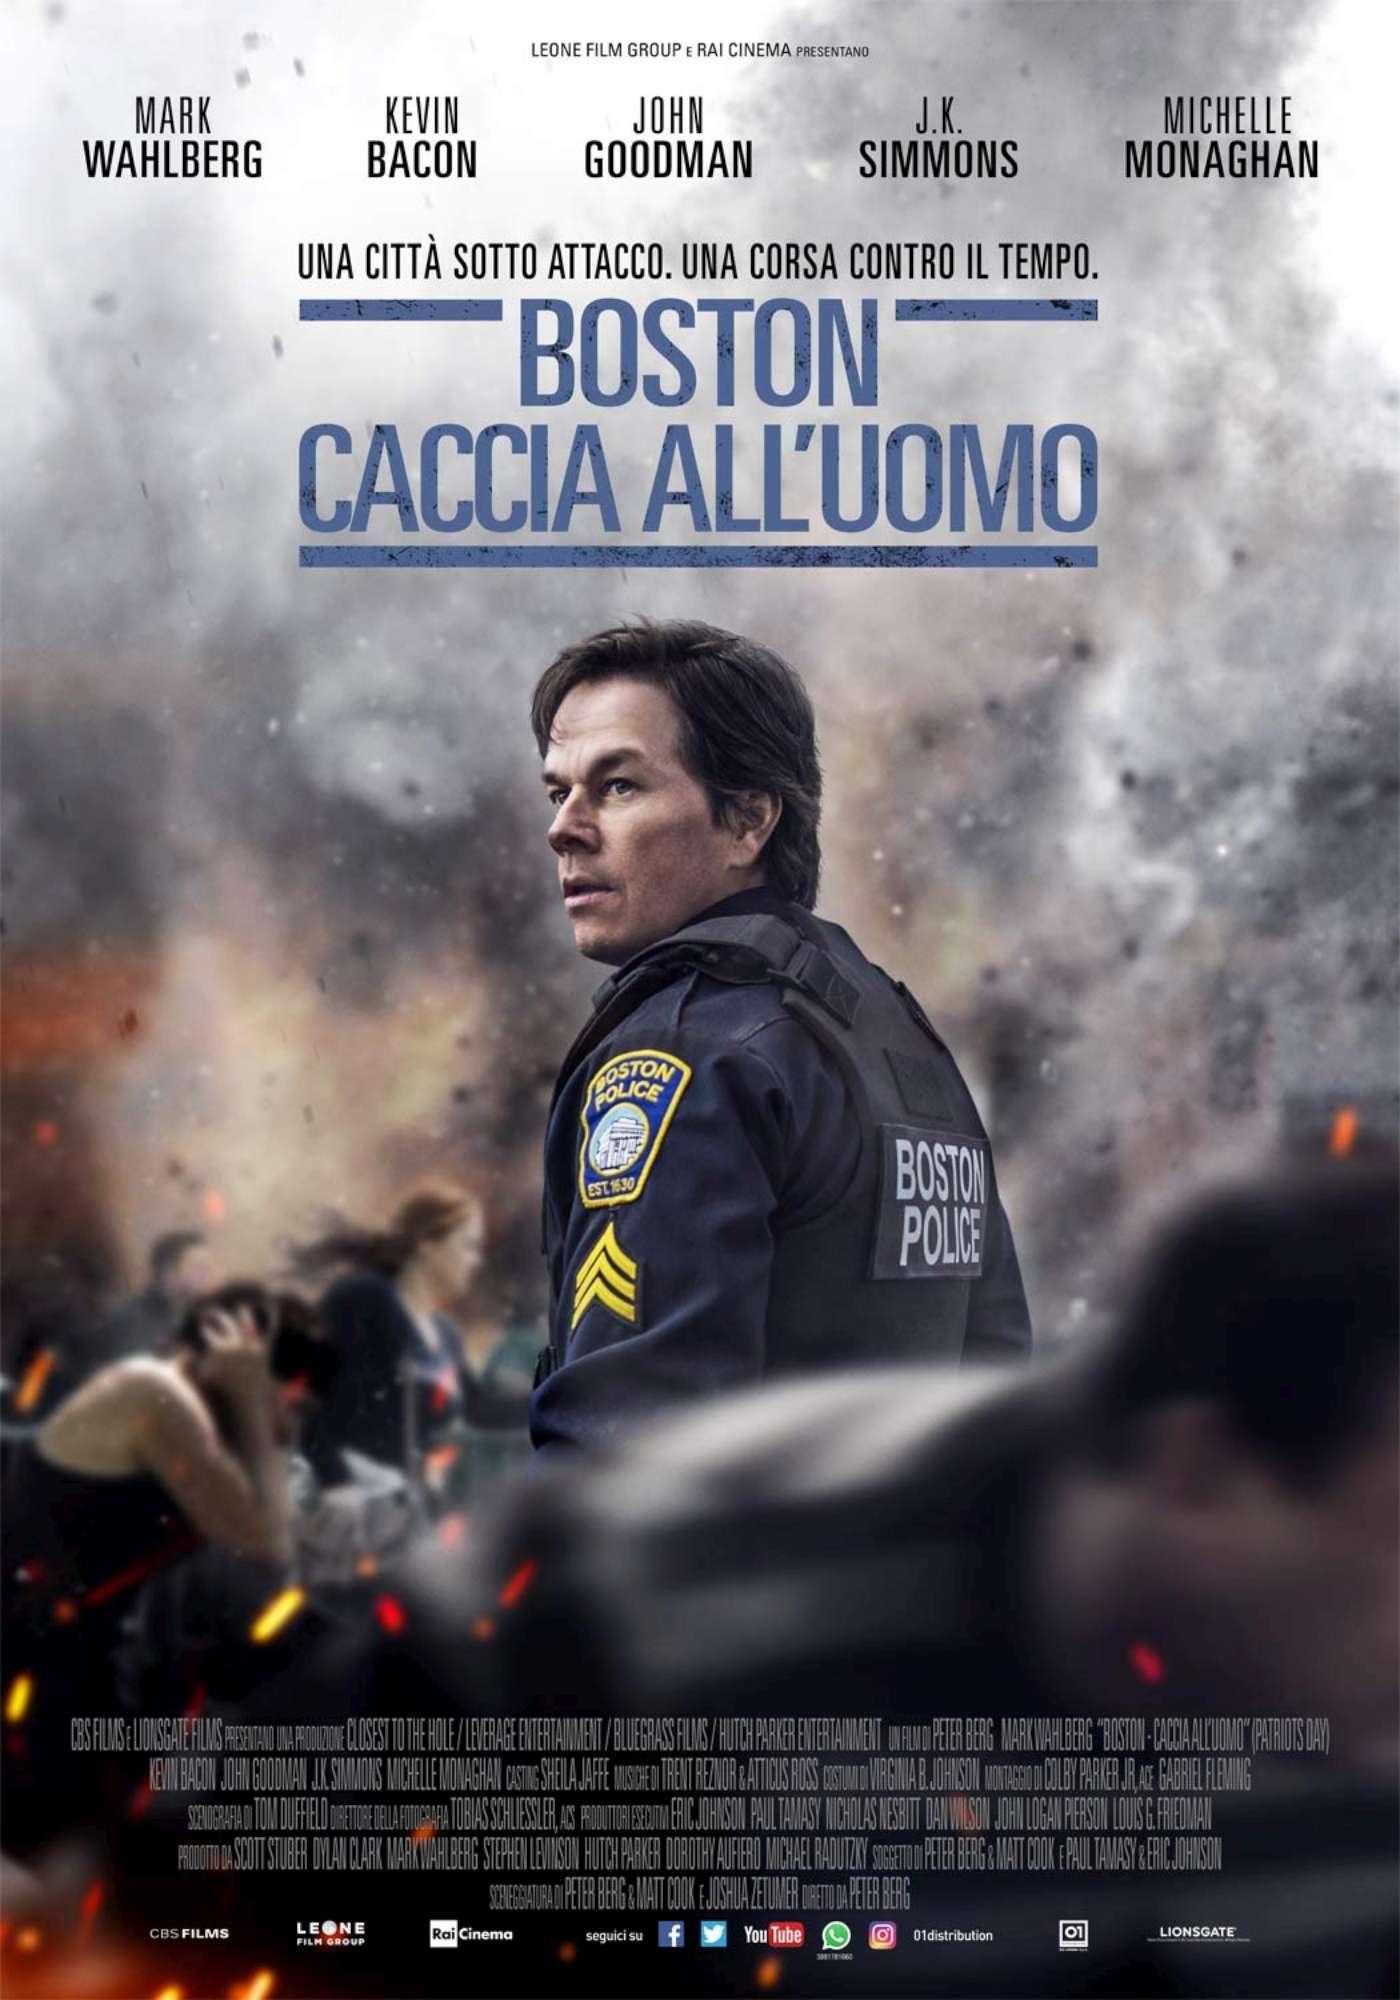 Boston - Caccia all uomo , le immagini del film